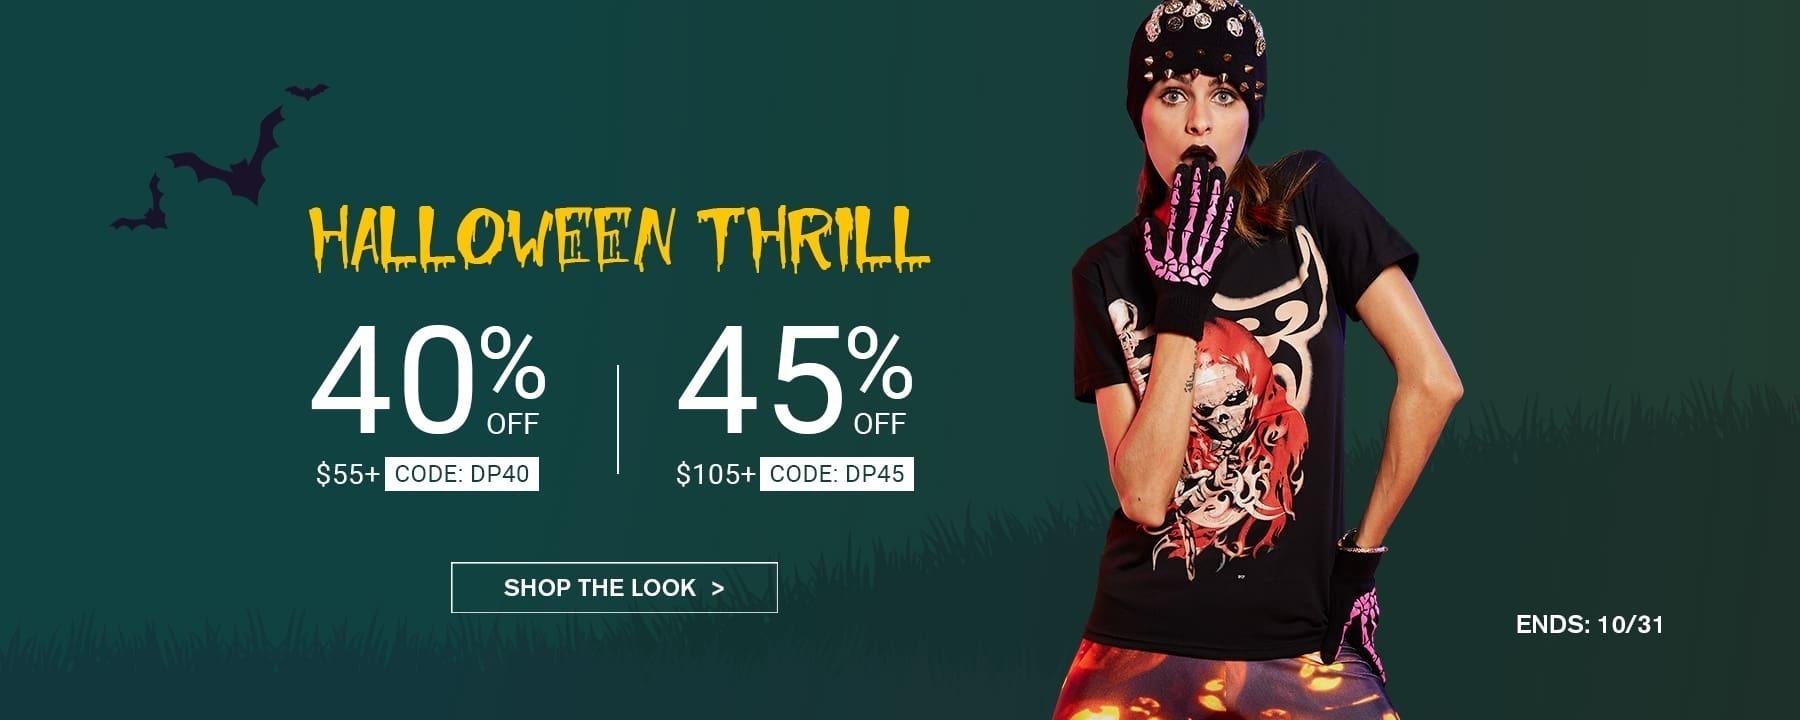 Halloween Thrill